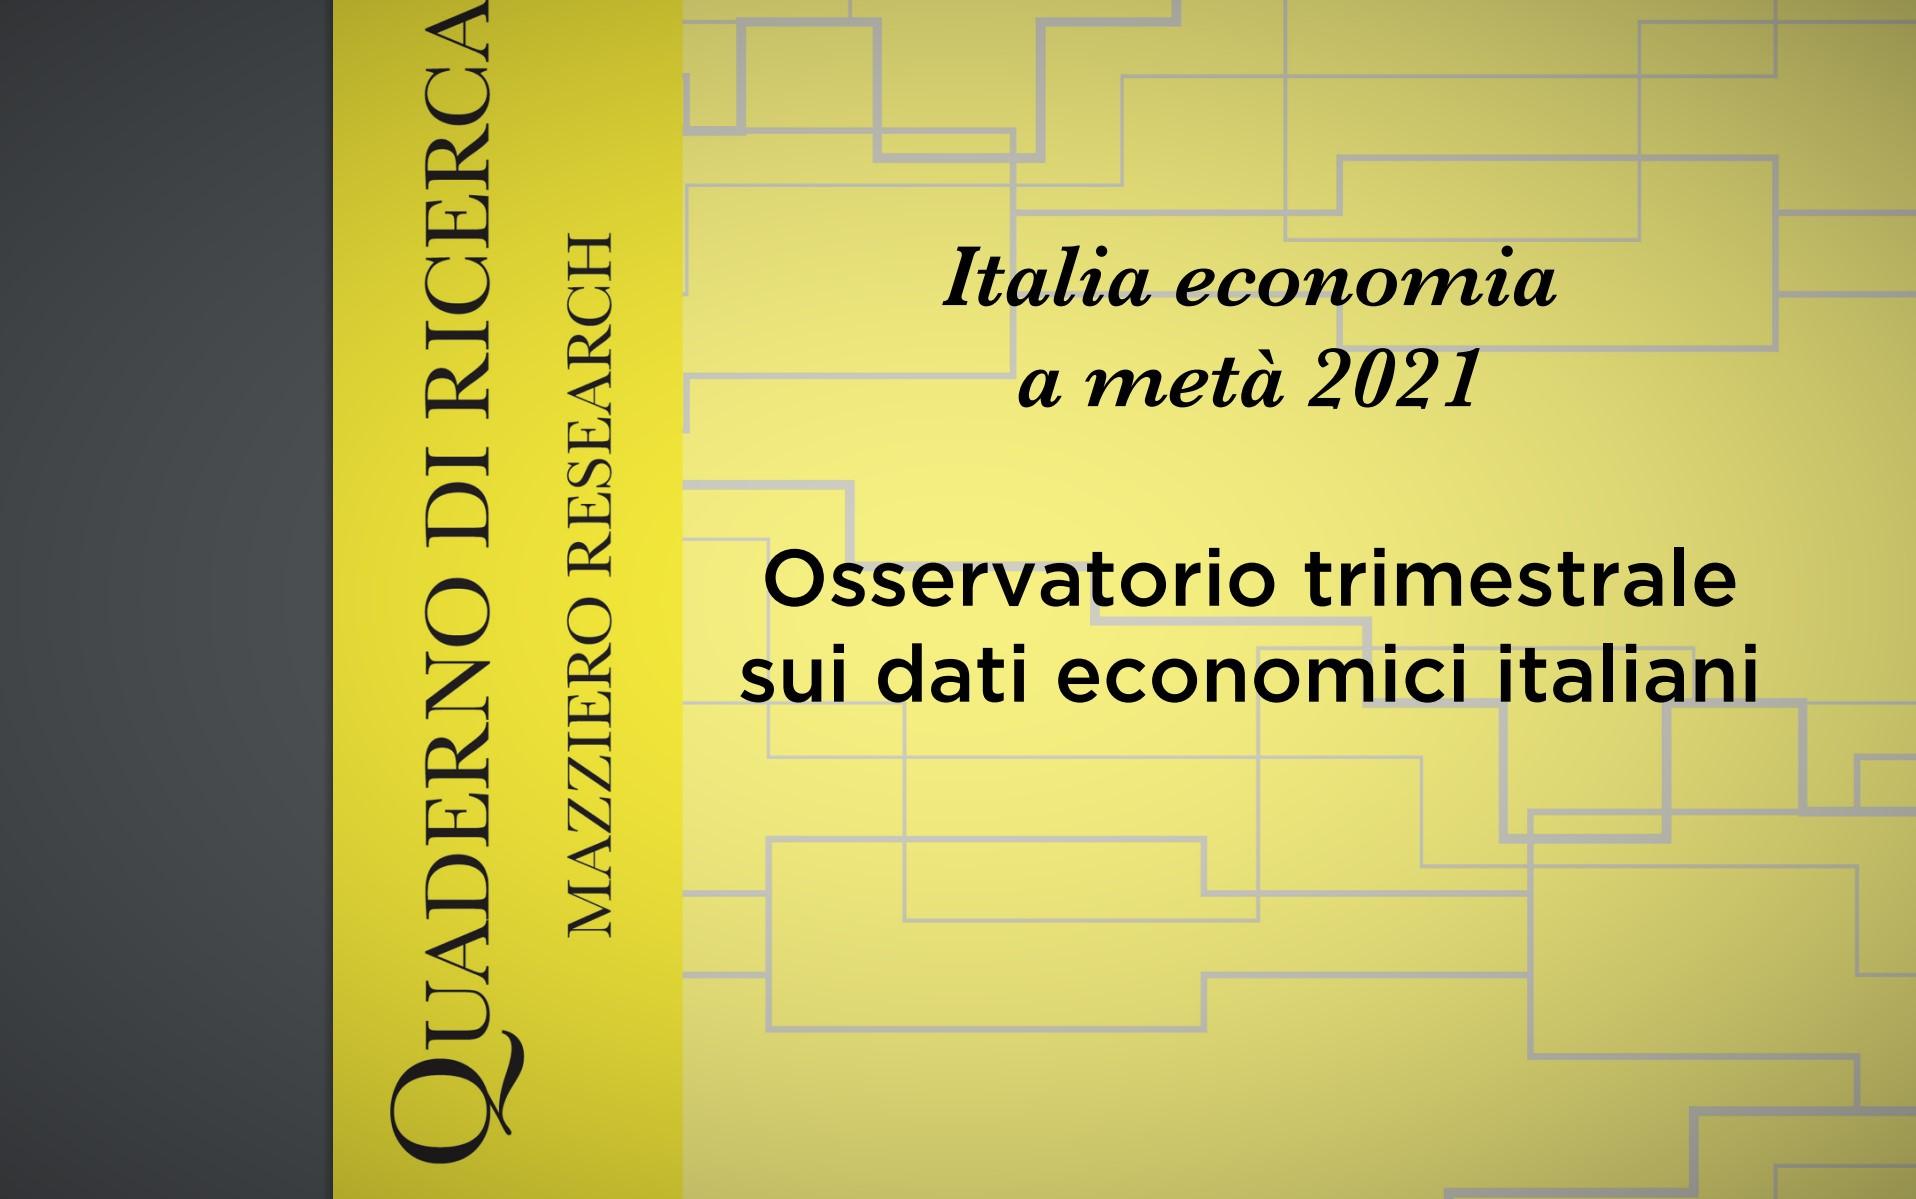 Osservatorio trimestrale sulla congiuntura italiana